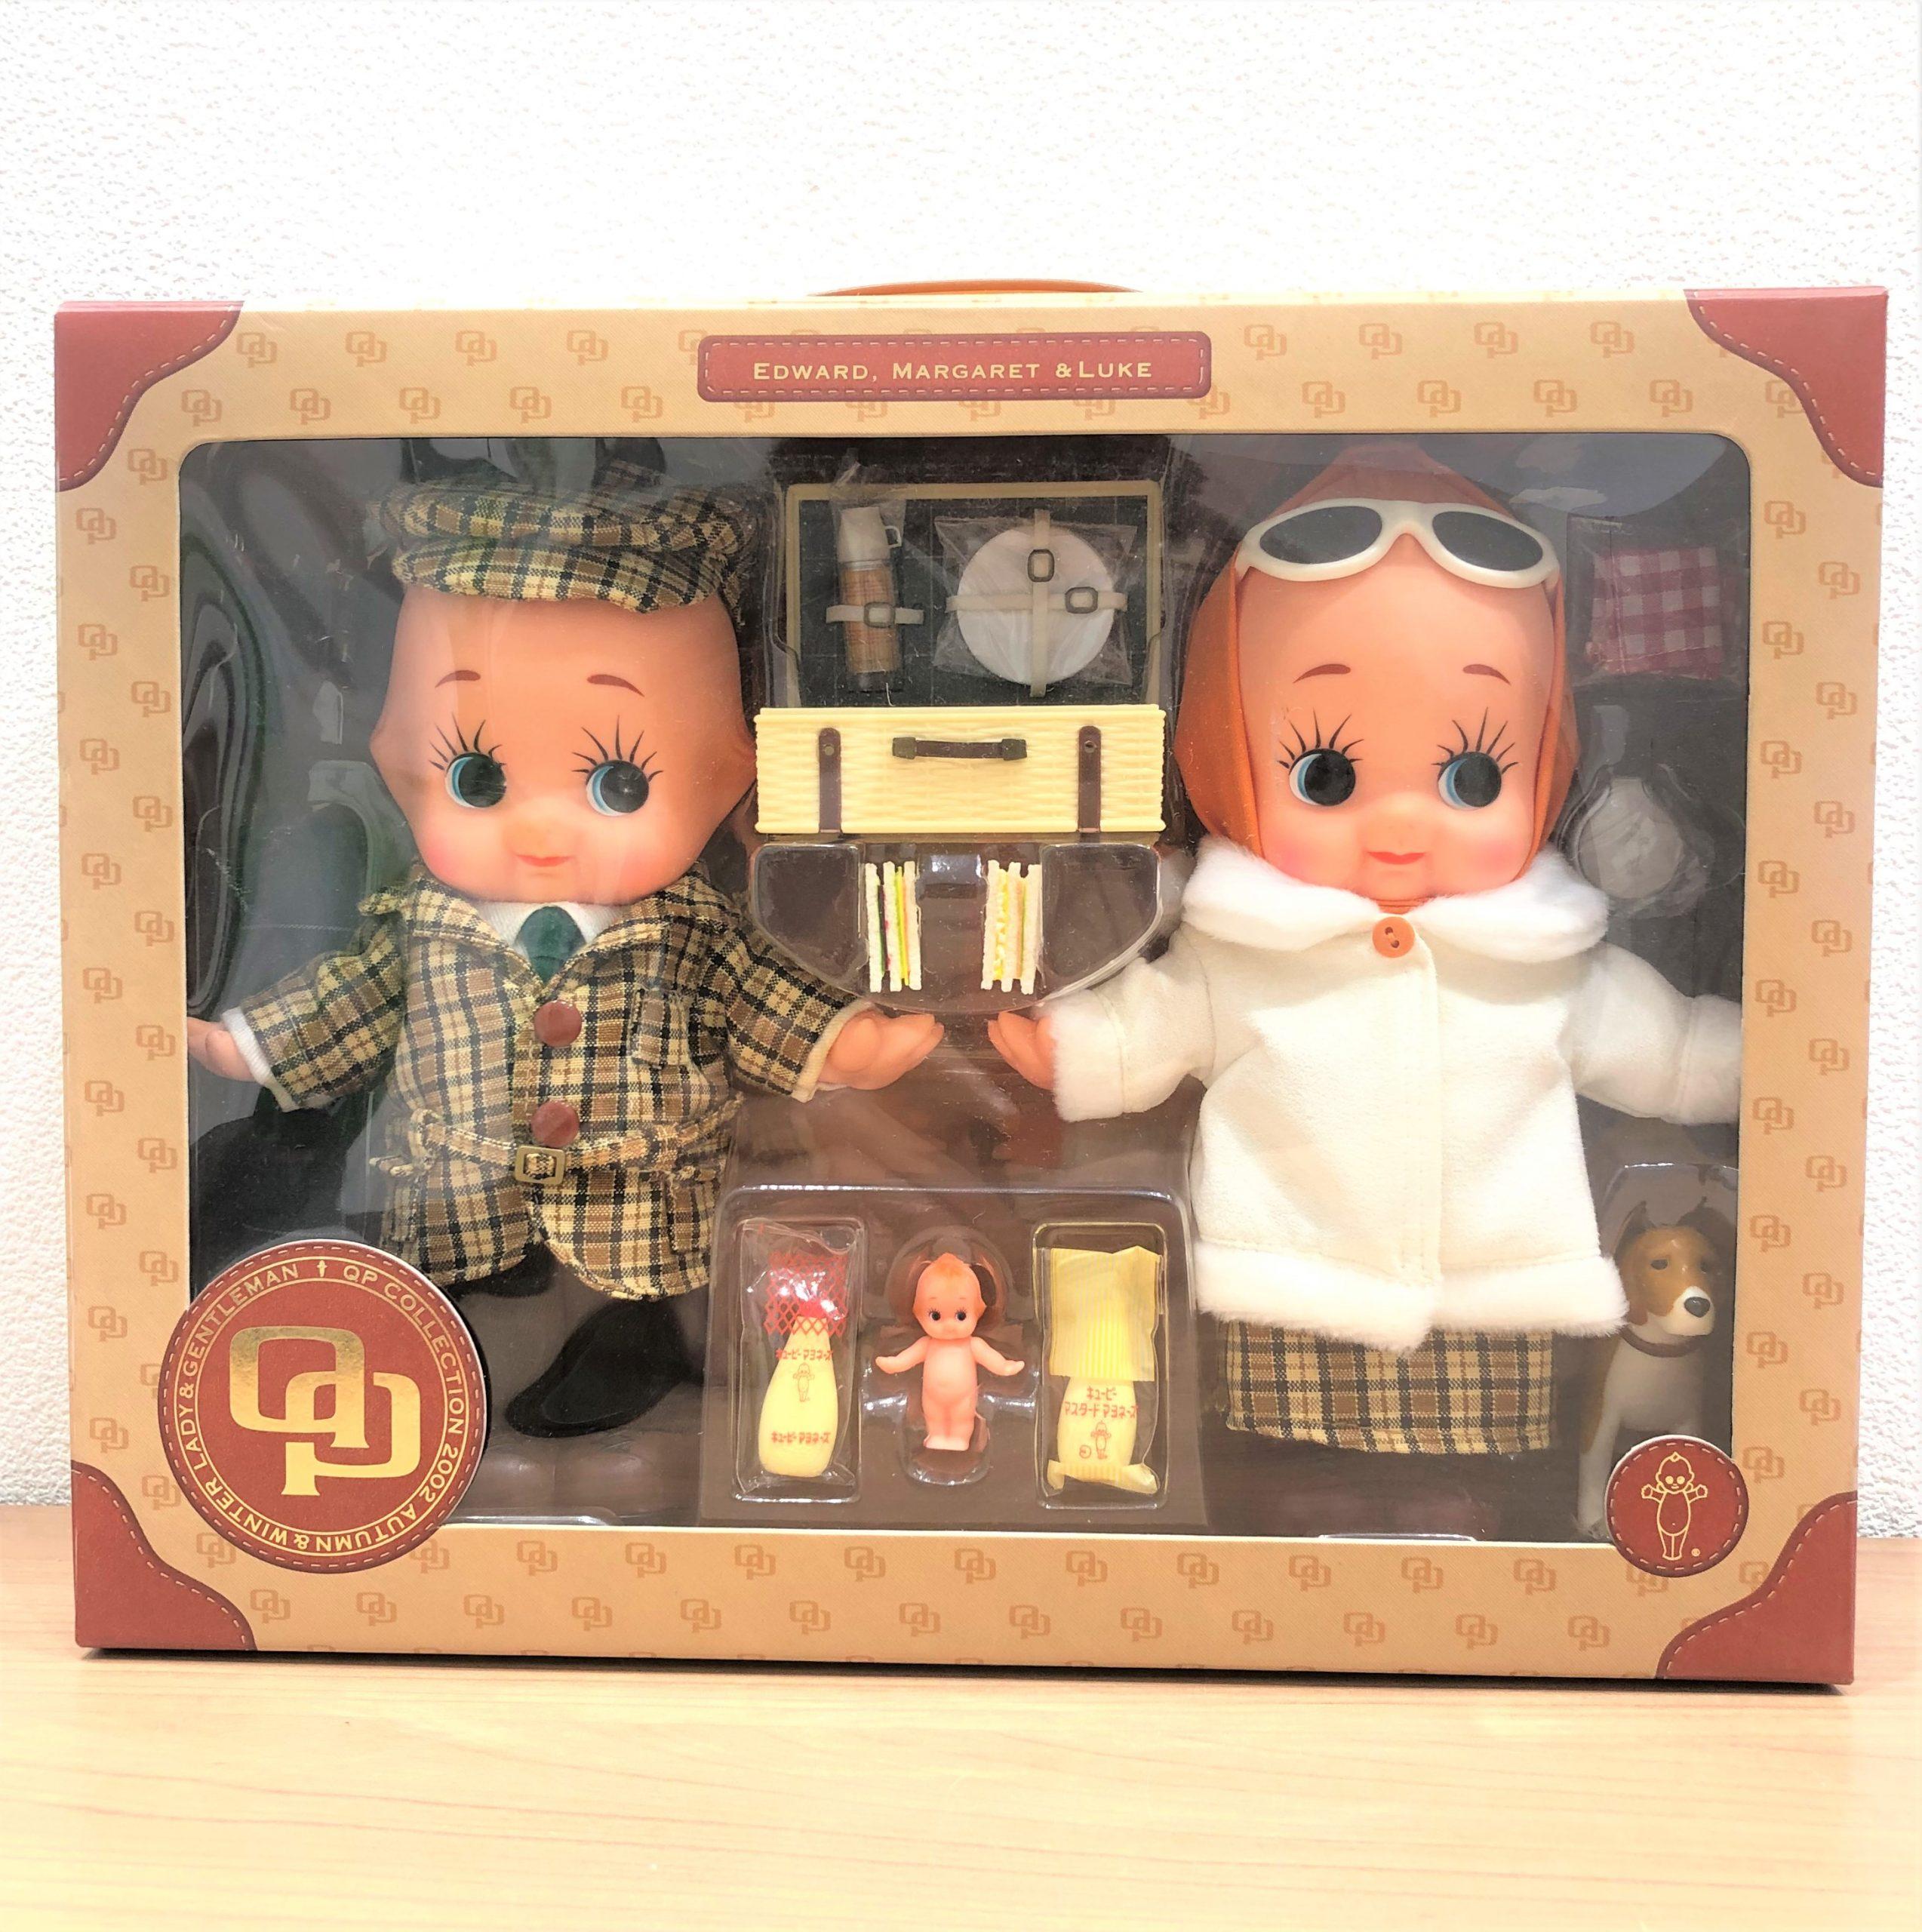 キューピーコレクション エドワード マーガレット&ルーク 人形